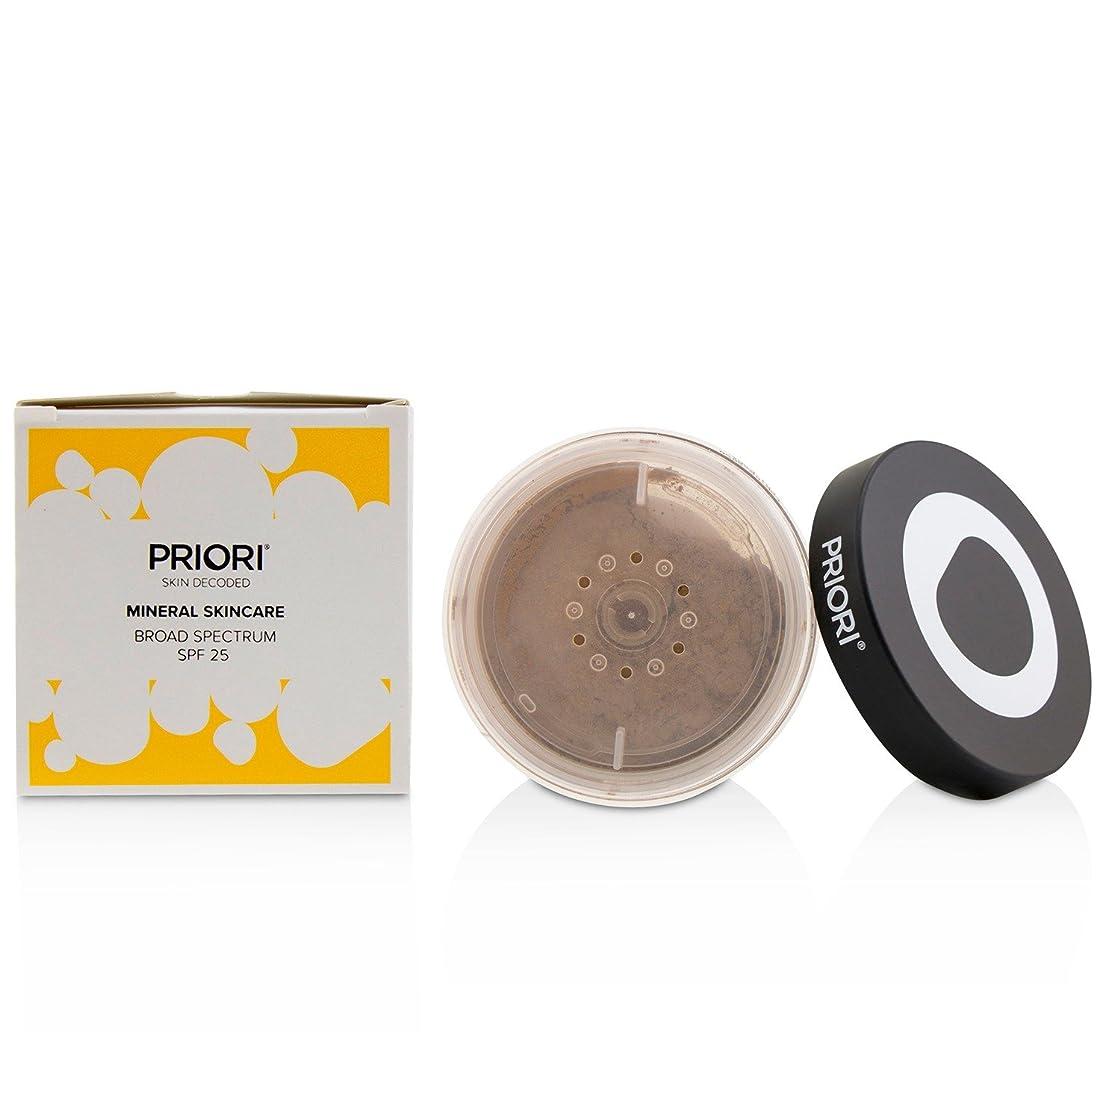 おっとサドル継続中プリオリ Mineral Skincare Broad Spectrum SPF25 - # Shade 5 5g/0.17oz並行輸入品